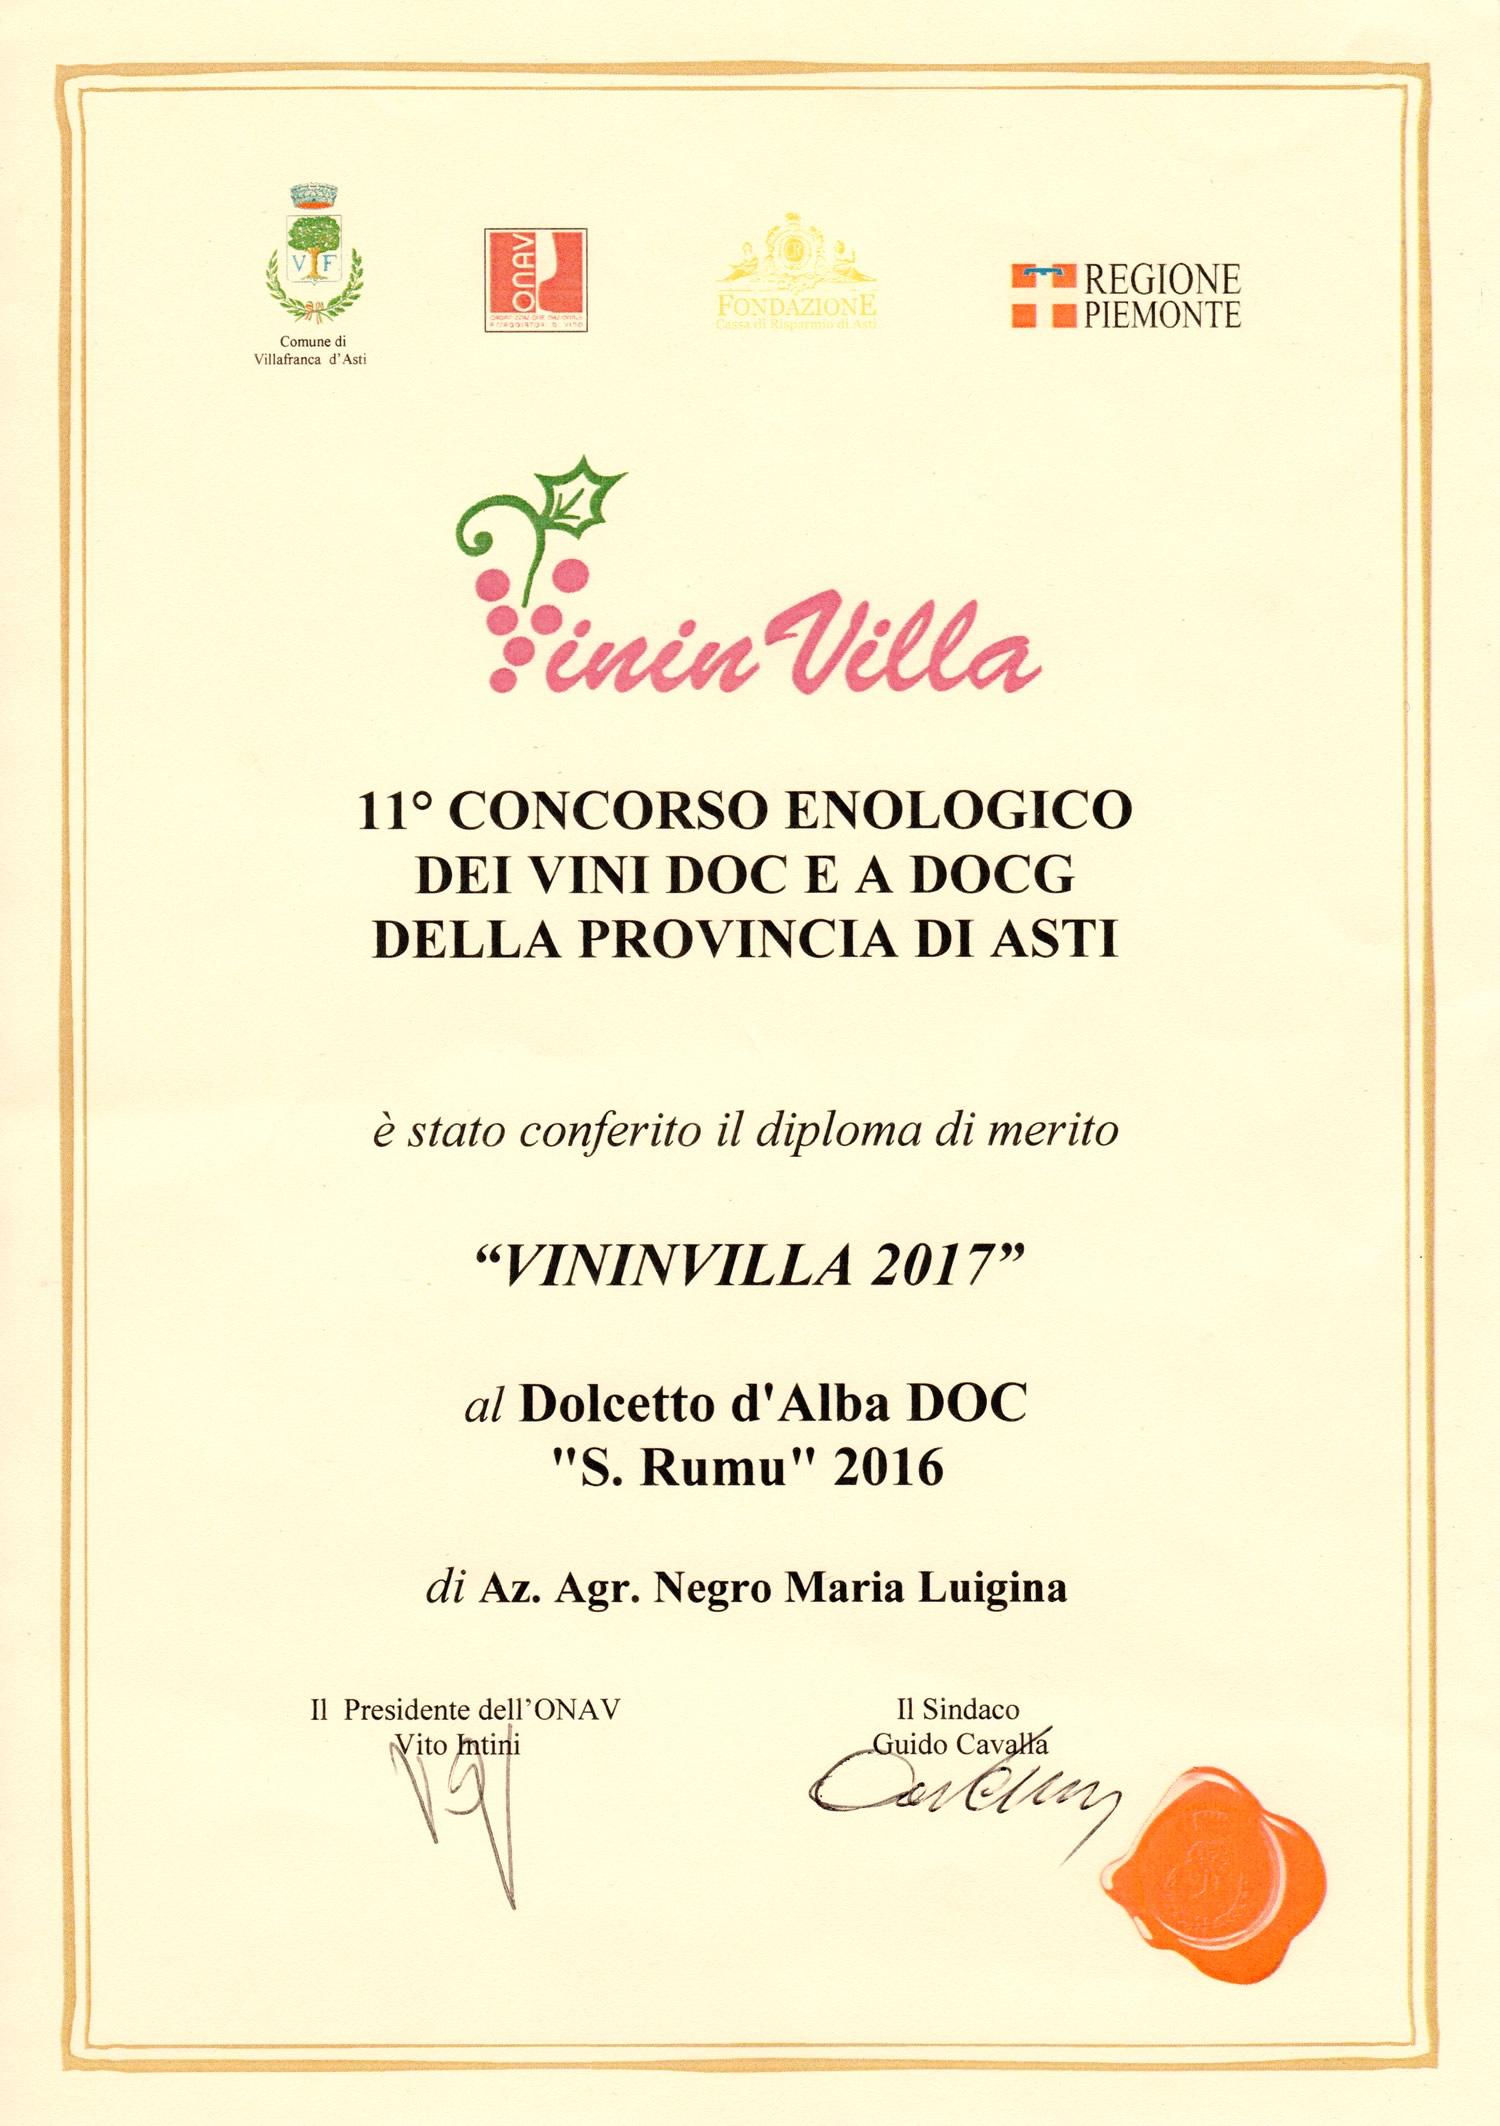 """VininVilla 2017 - Dolcetto d'Alba D.O.C. """"S. Rumu"""" 2016."""